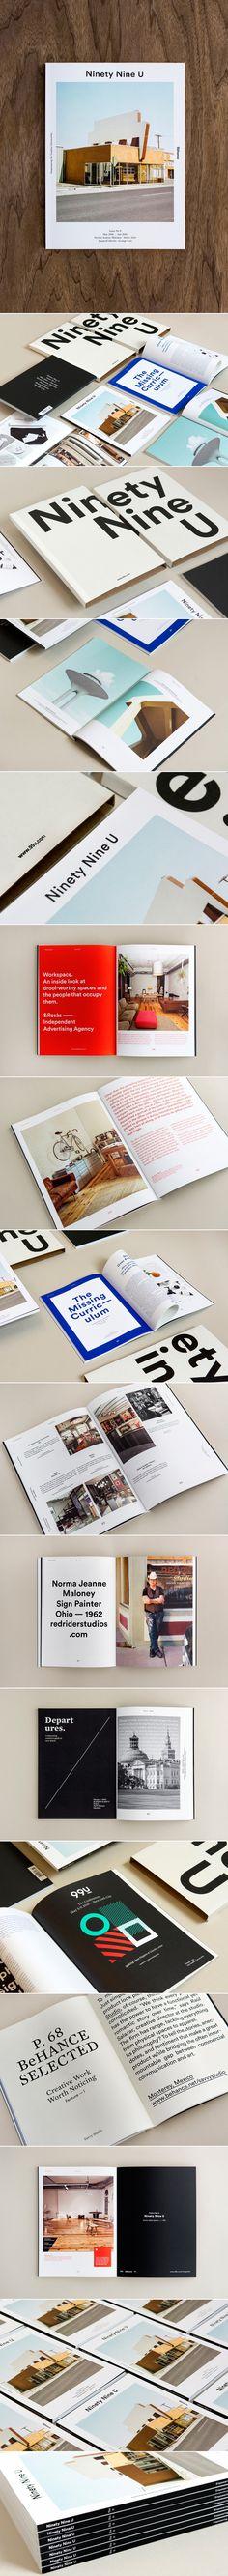 Ninety Nine U magazine brings you the